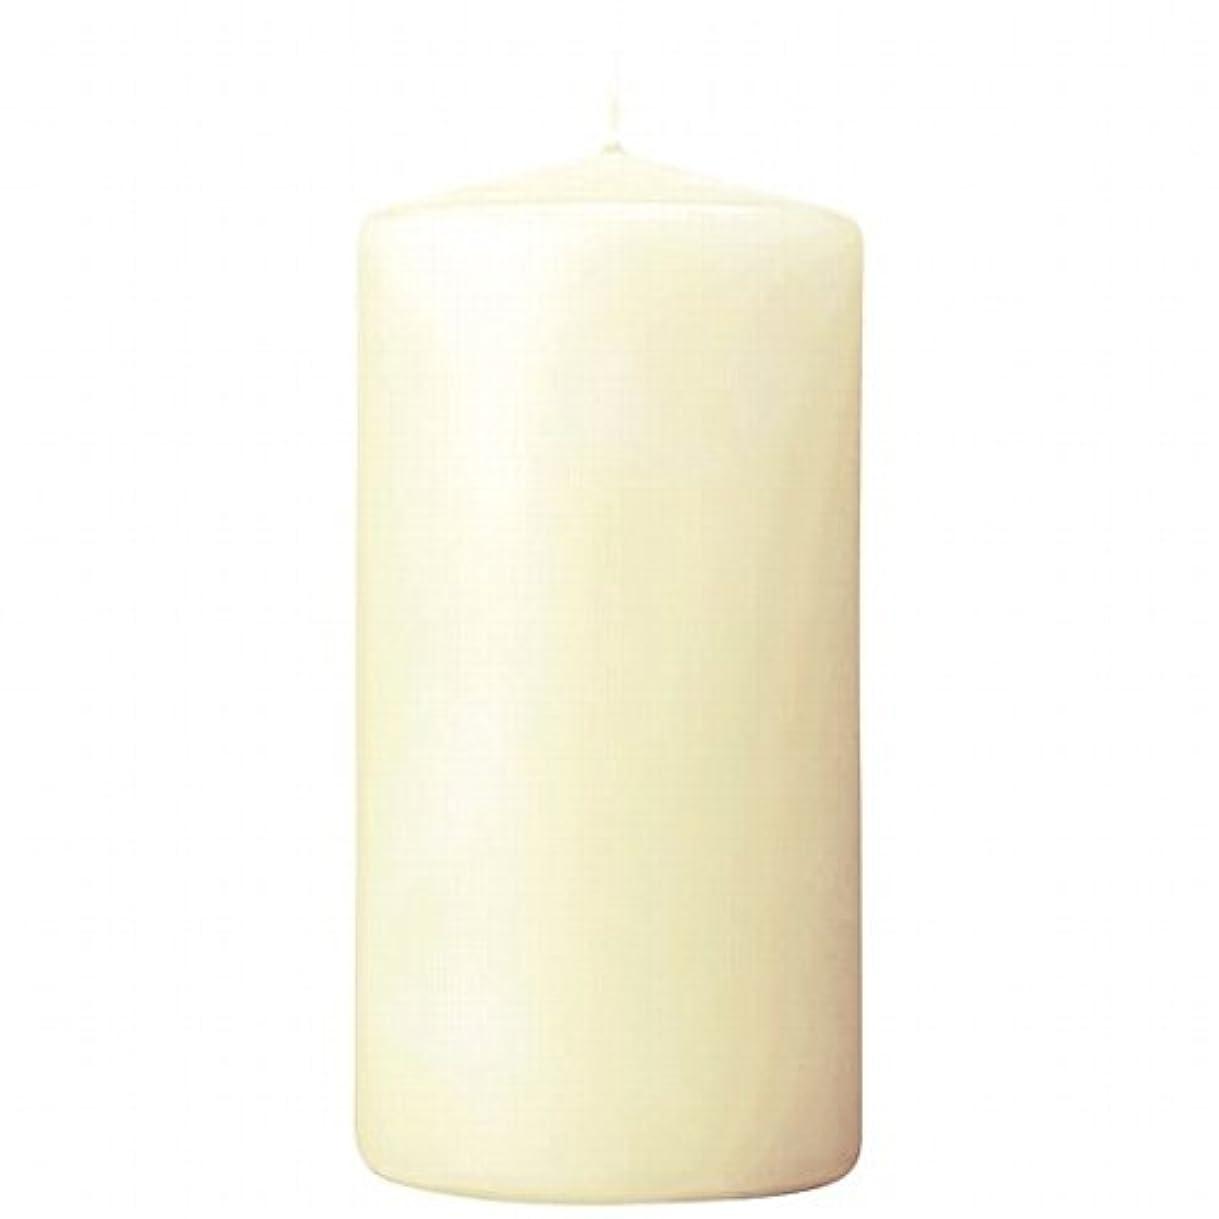 大洪水社会主義ブローホールカメヤマキャンドル(kameyama candle) 3×6ベルトップピラーキャンドル 「 アイボリー 」